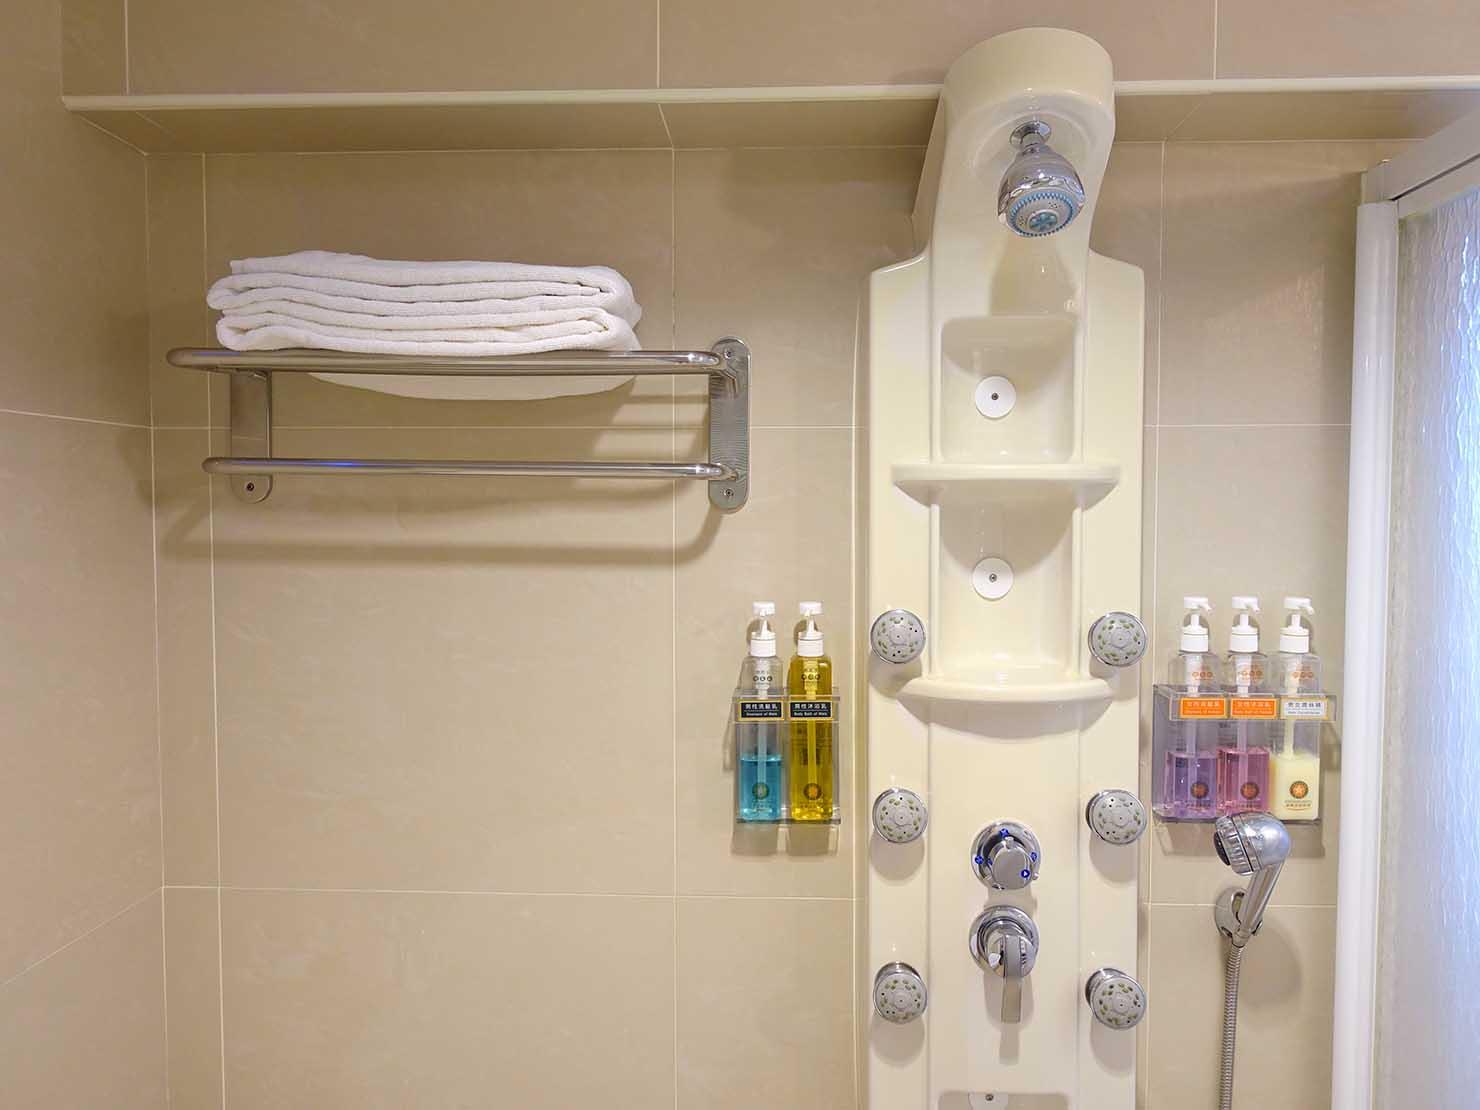 高雄のおすすめチェーンホテル「康橋商旅 Kindness Hotel(漢神館)」豪華雙人房バスルームのシャワー